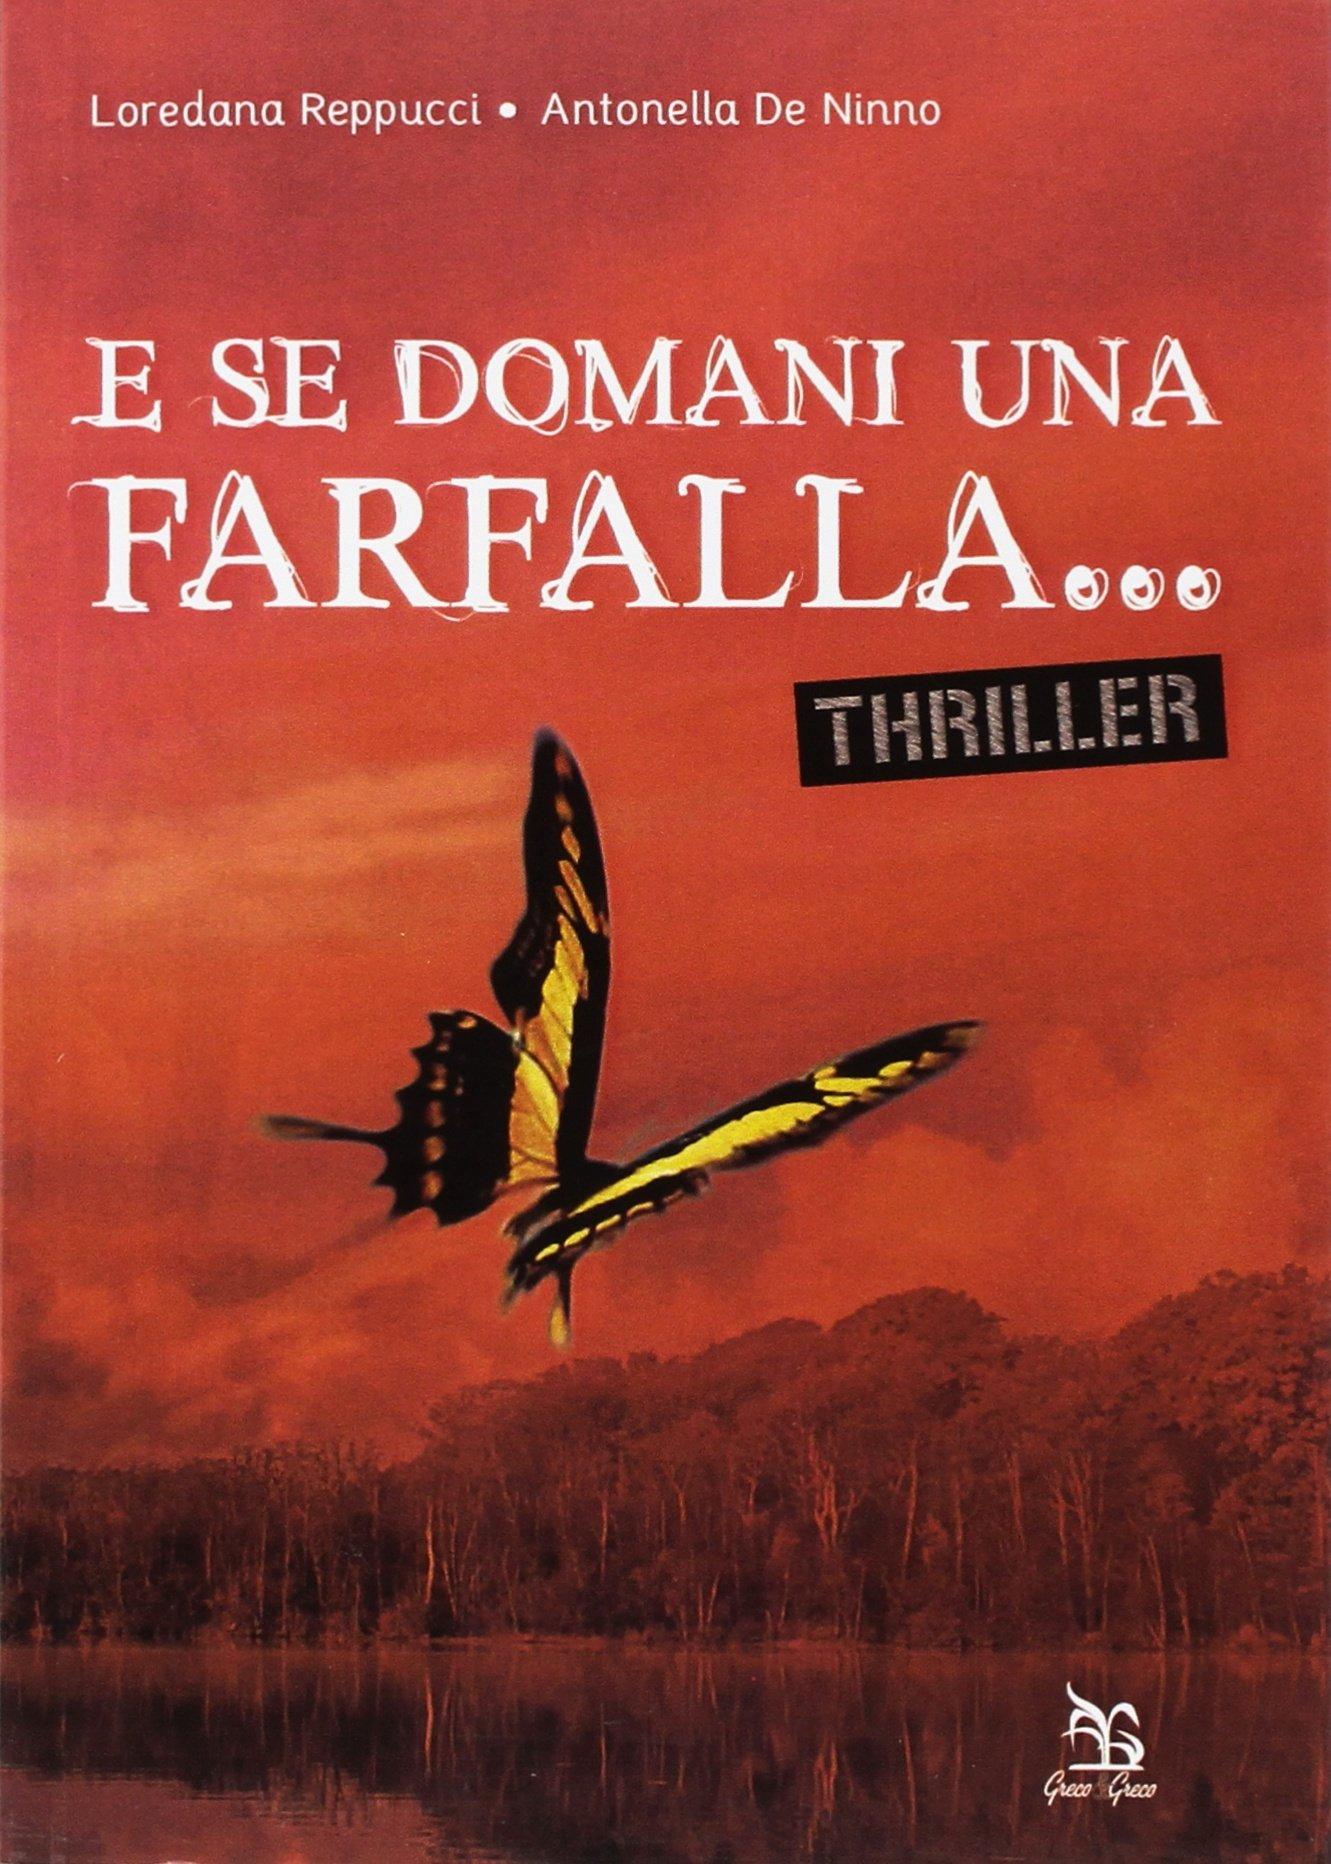 Amazon.it: E se domani una farfalla... - Reppucci, Loredana, De Ninno, Antonella - Libri